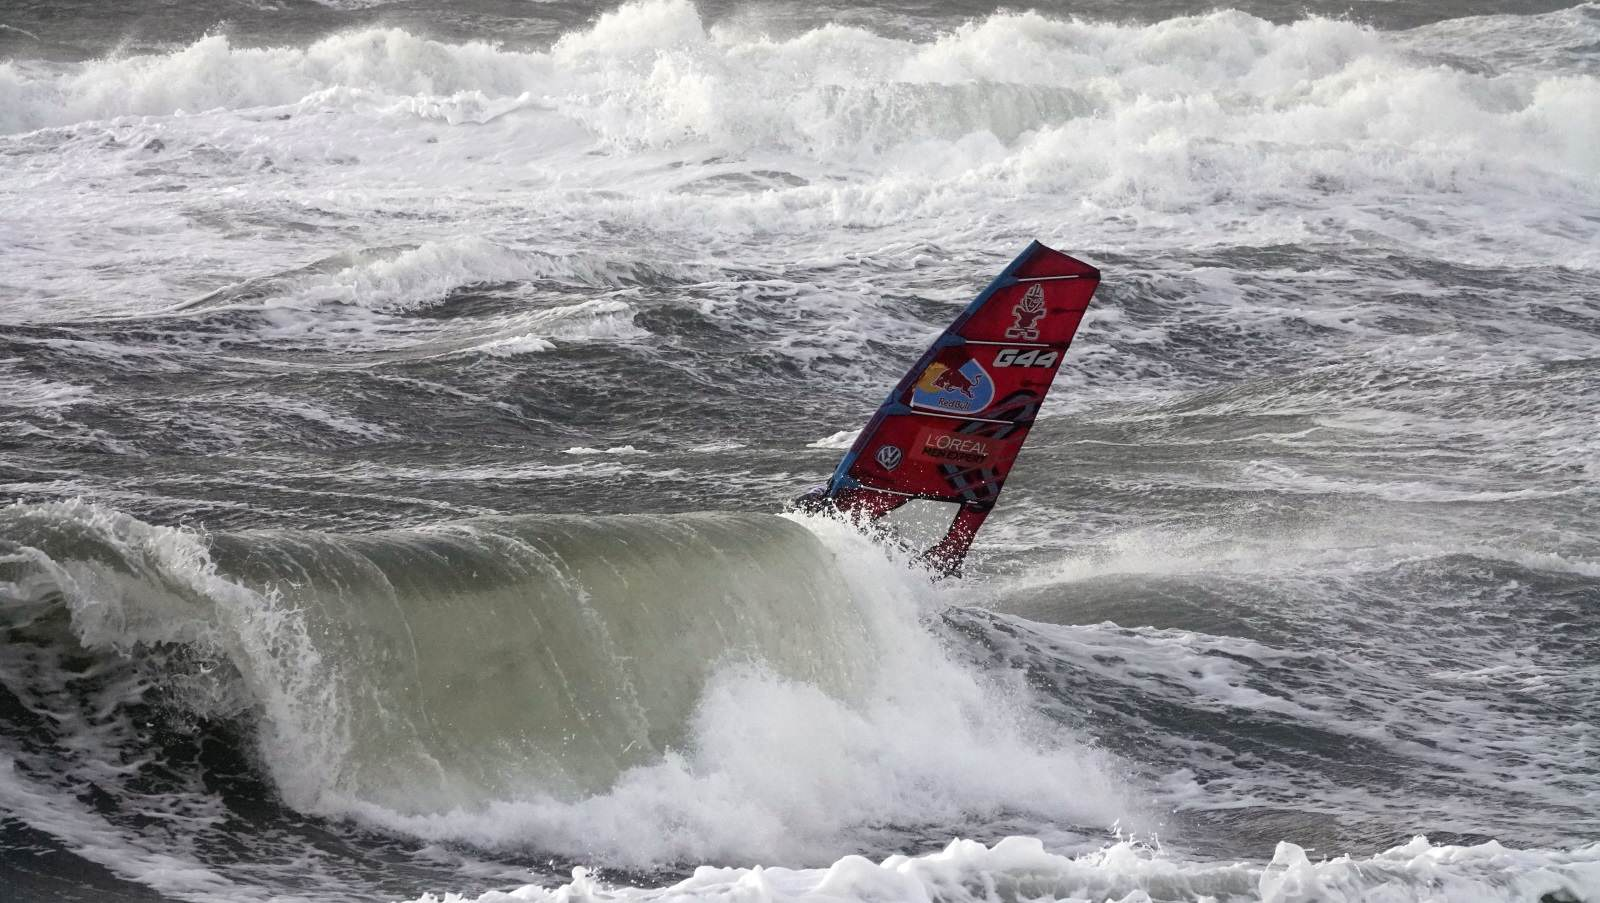 Windsurf World Cup Sylt 2018 - Philip Köster